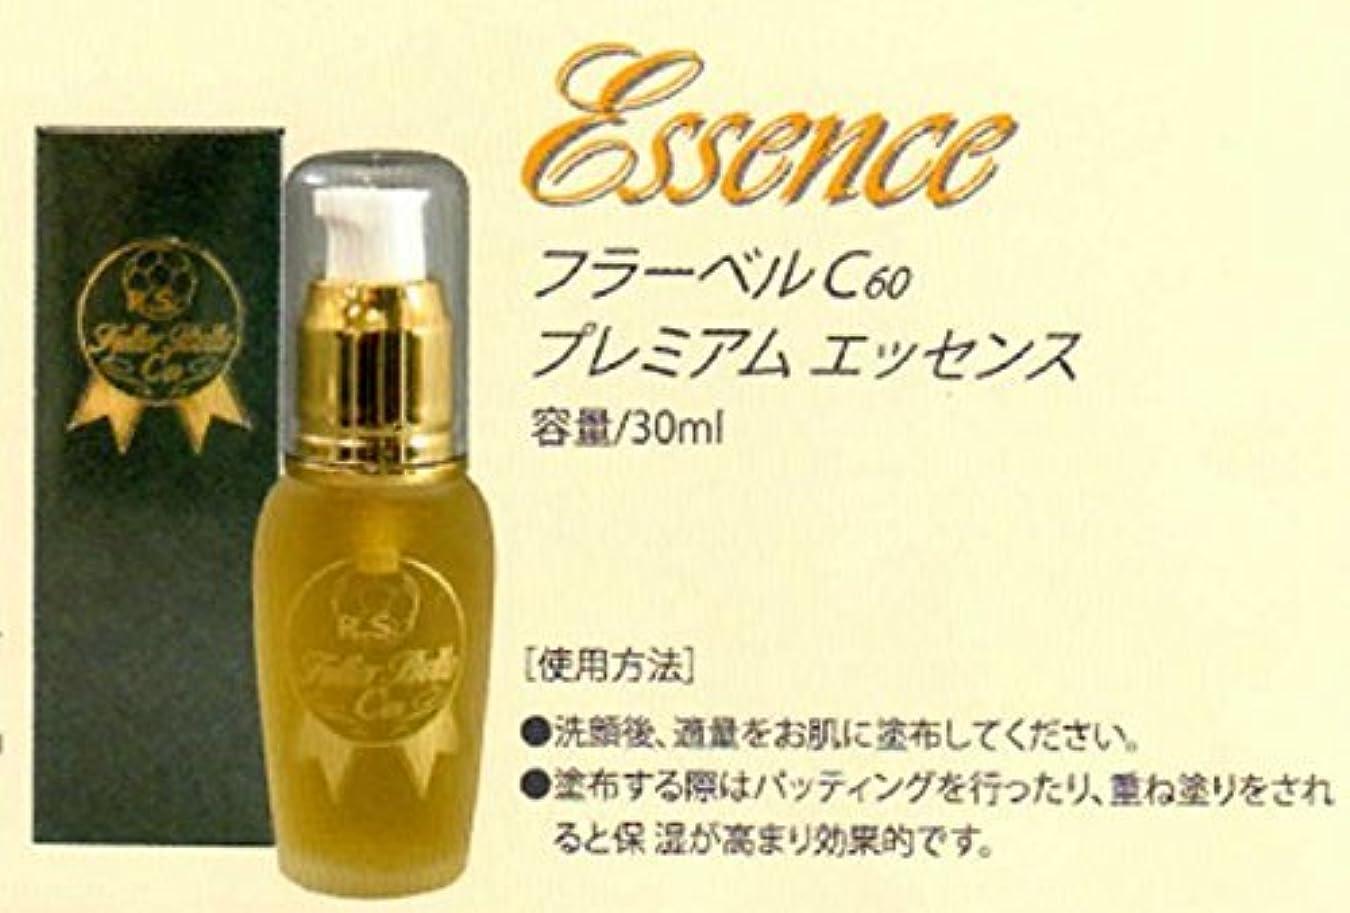 ベル?クール研究所 美容液 フラーベルC60 プミアムエッセンス 30ml サロン用 フラーレン配合 エイジングケア 美容液